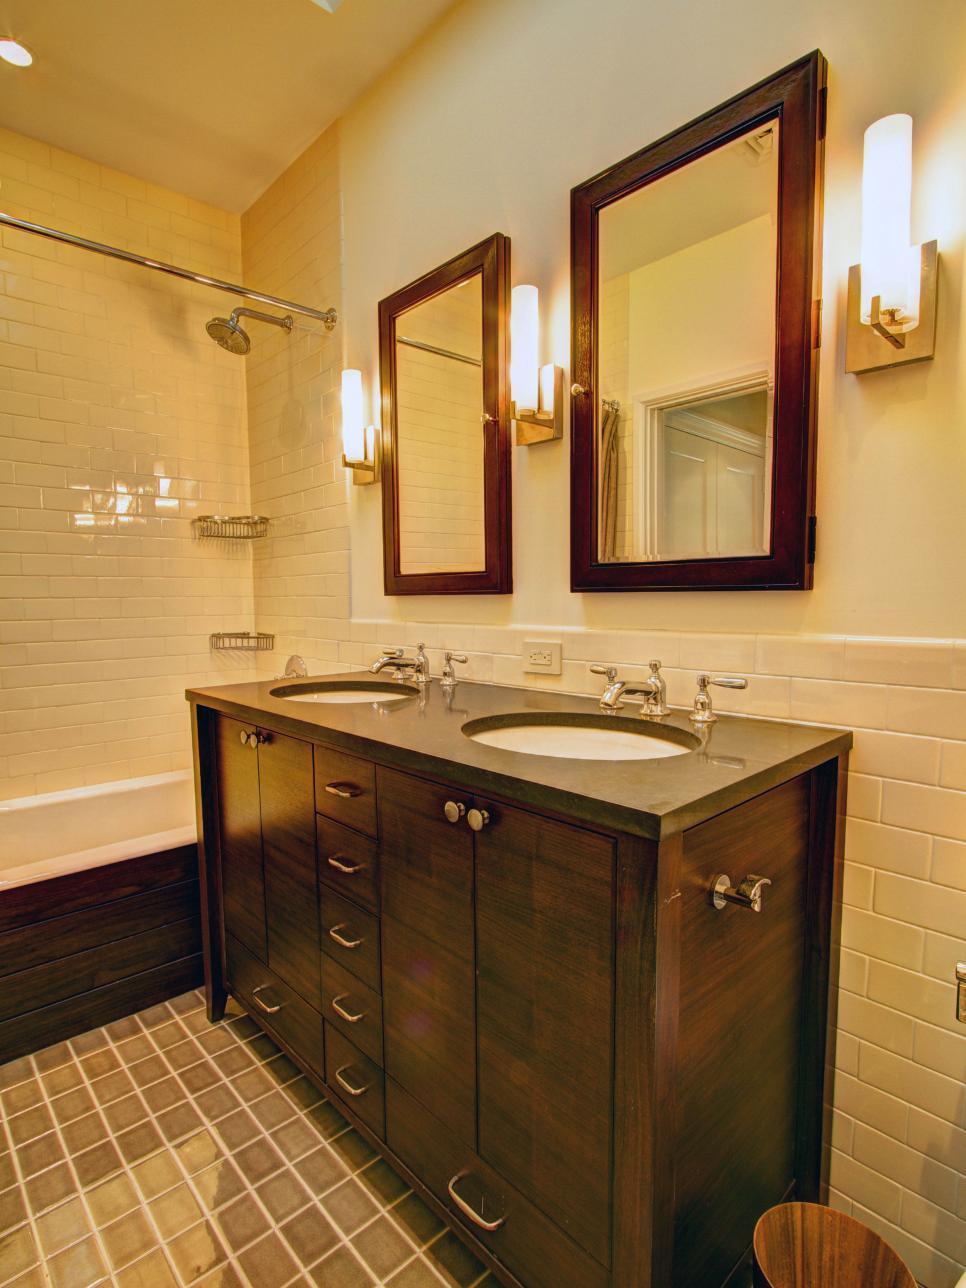 Arts and crafts bathroom tile - 27 Craftsman Bathroom Photos